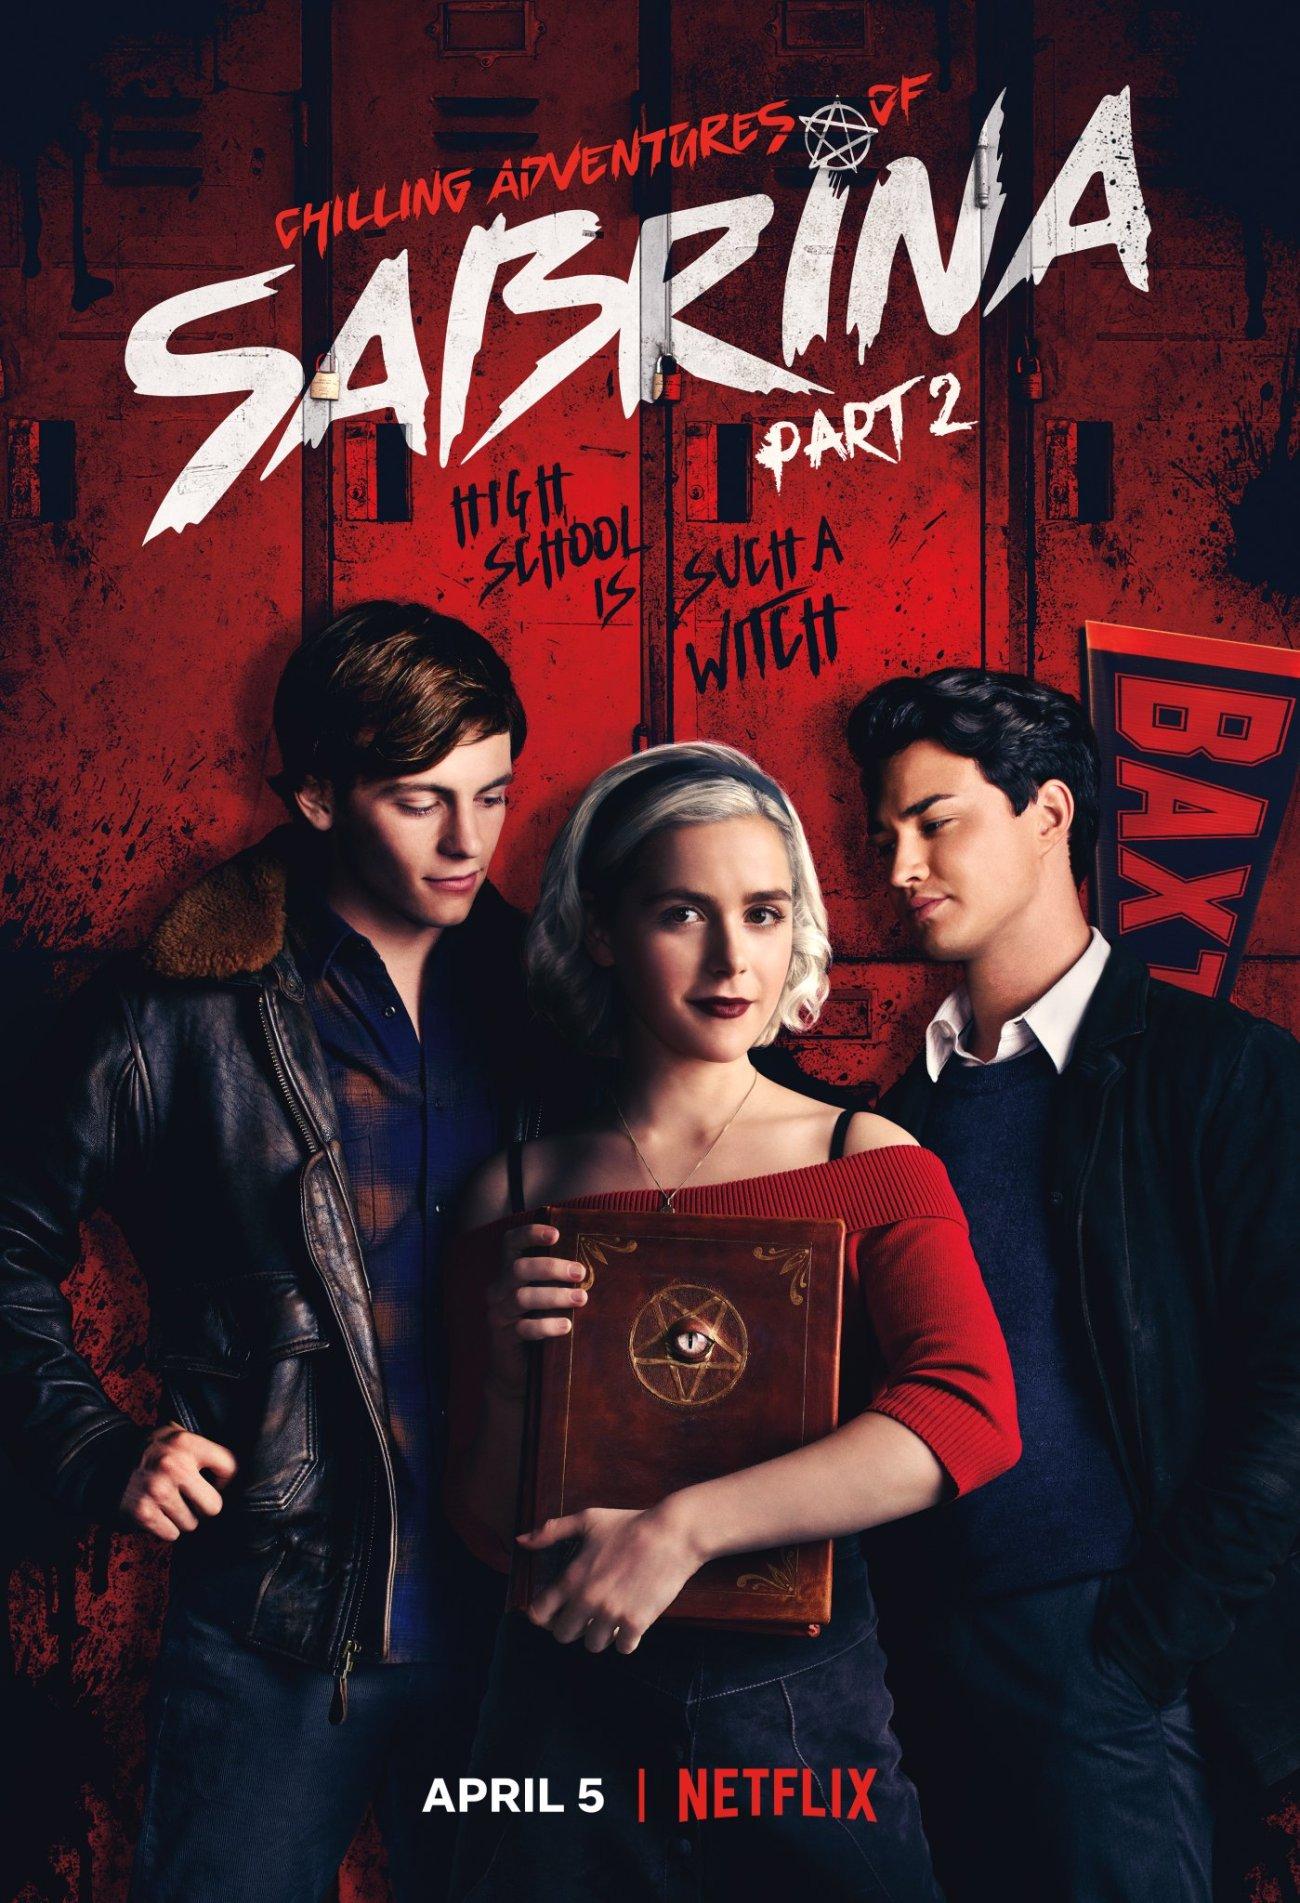 Póster de la temporada 2 de Chilling Adventures of Sabrina. Imagen: Chilling Adventures of Sabrina Twitter (@sabrinanetflix).